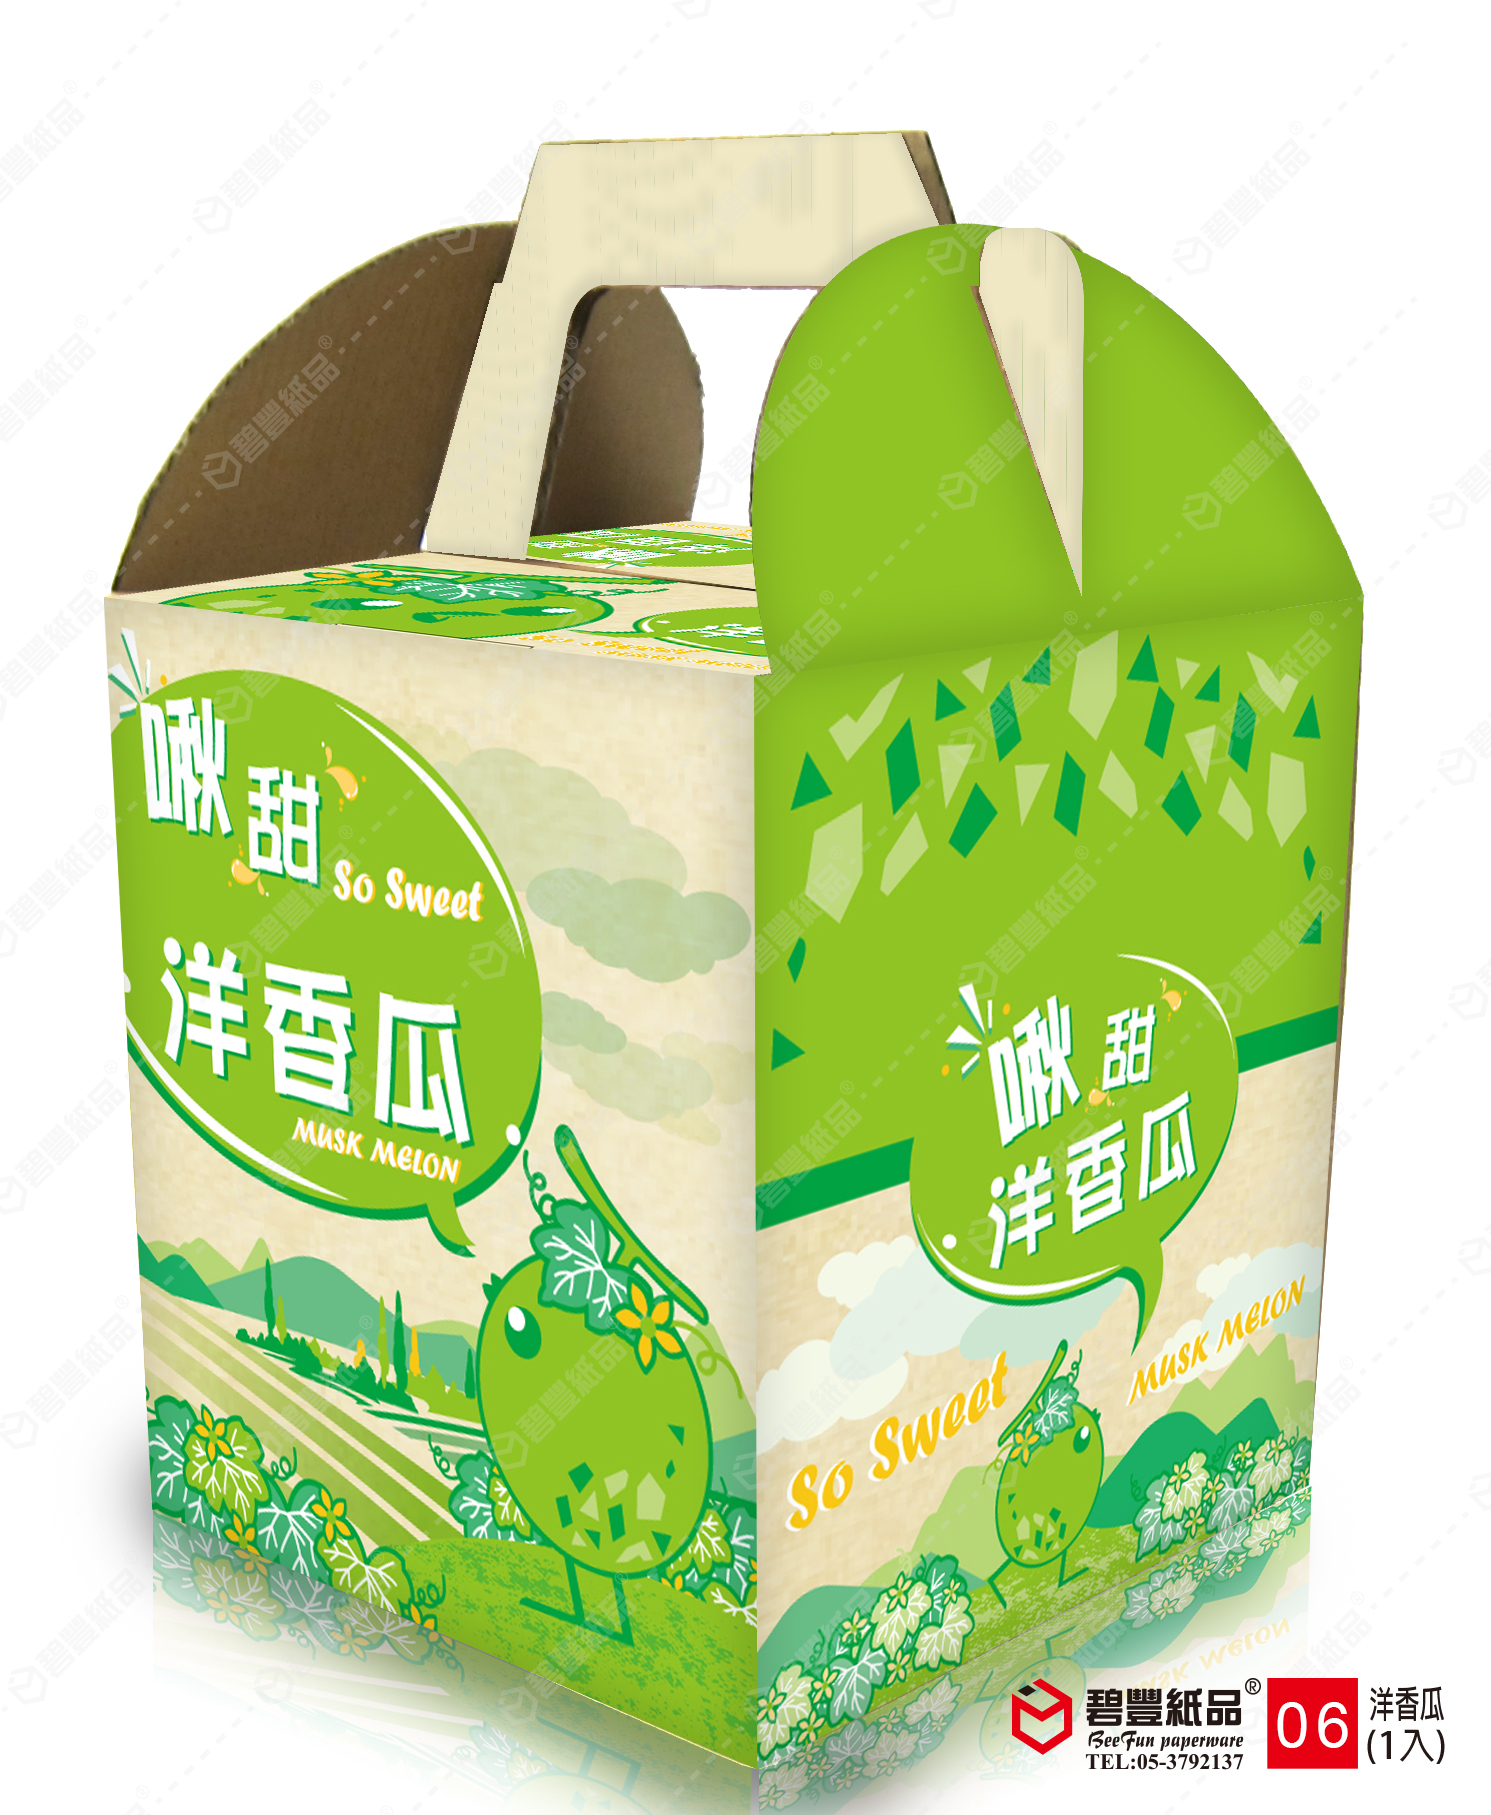 碧豐-洋香瓜單入手提式禮盒-6號